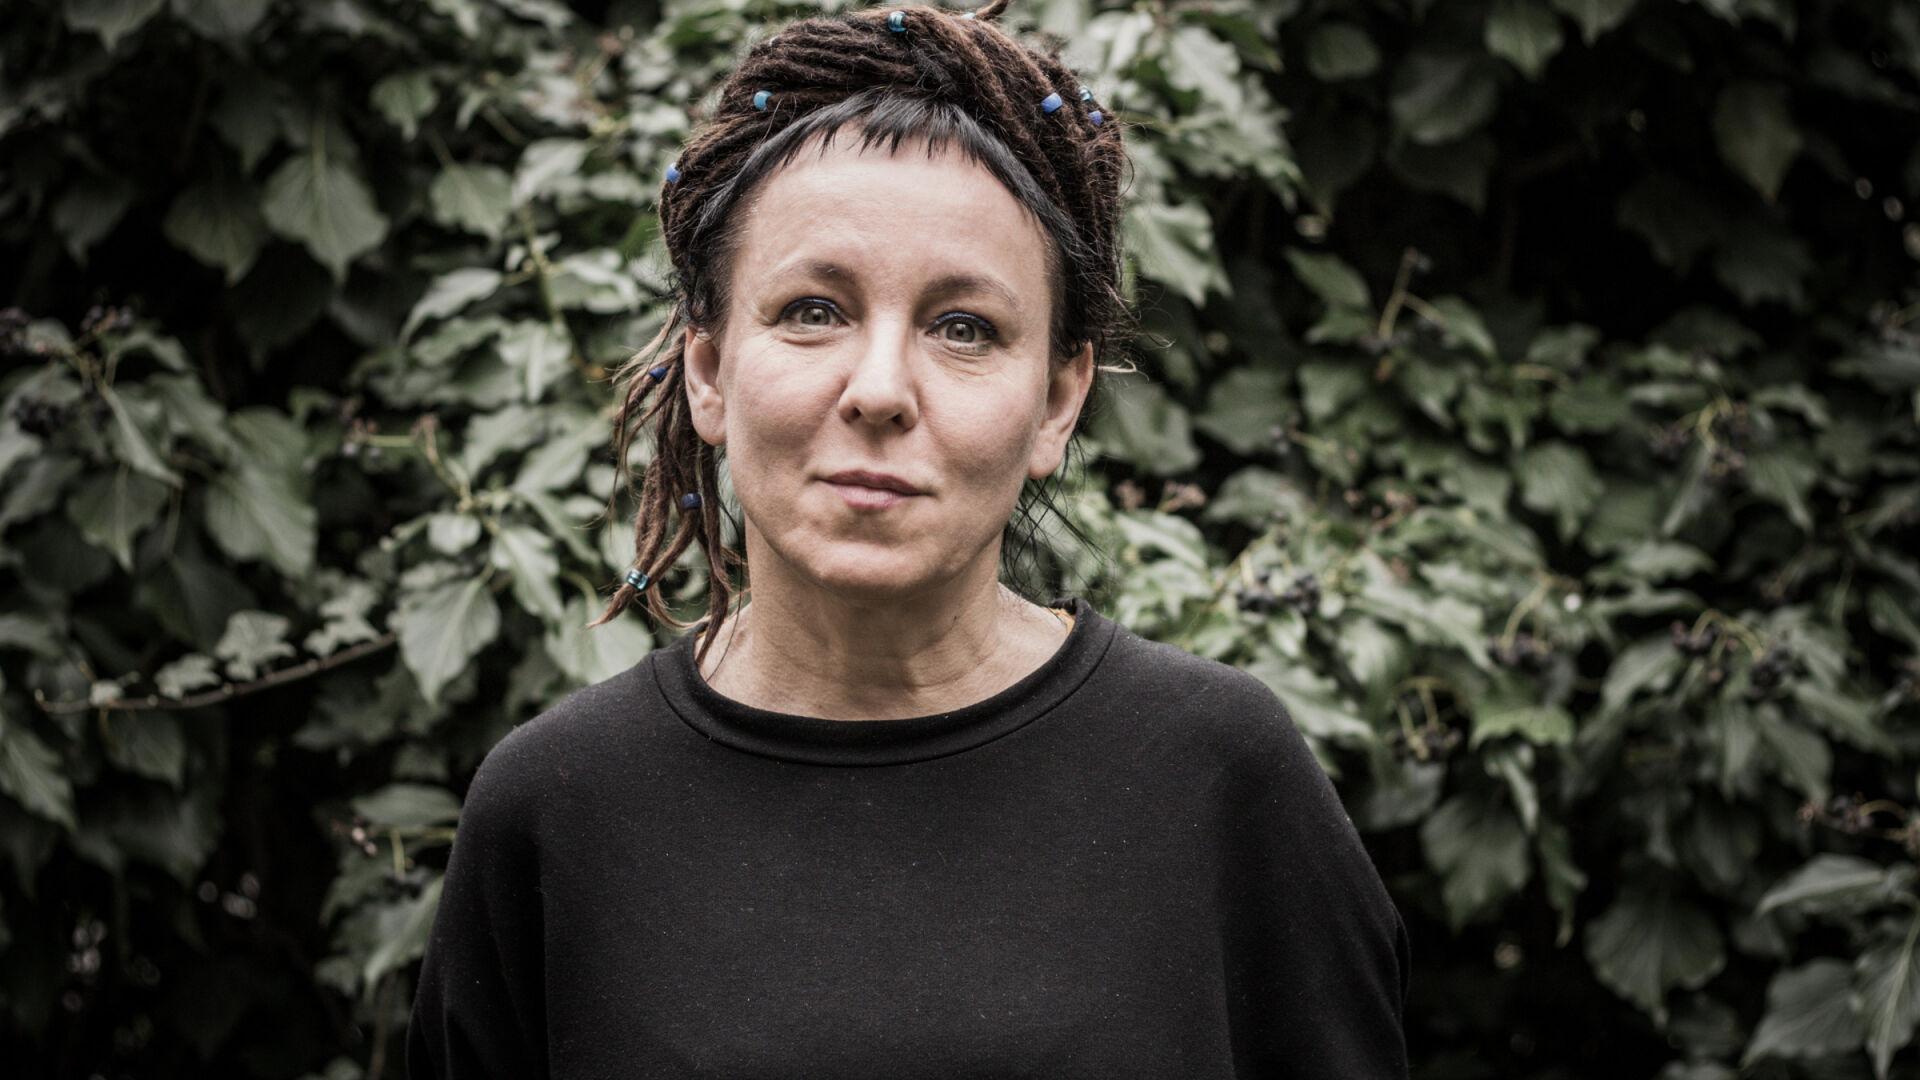 Pani Olga Tokarczuk i religia jako źródło cierpienia